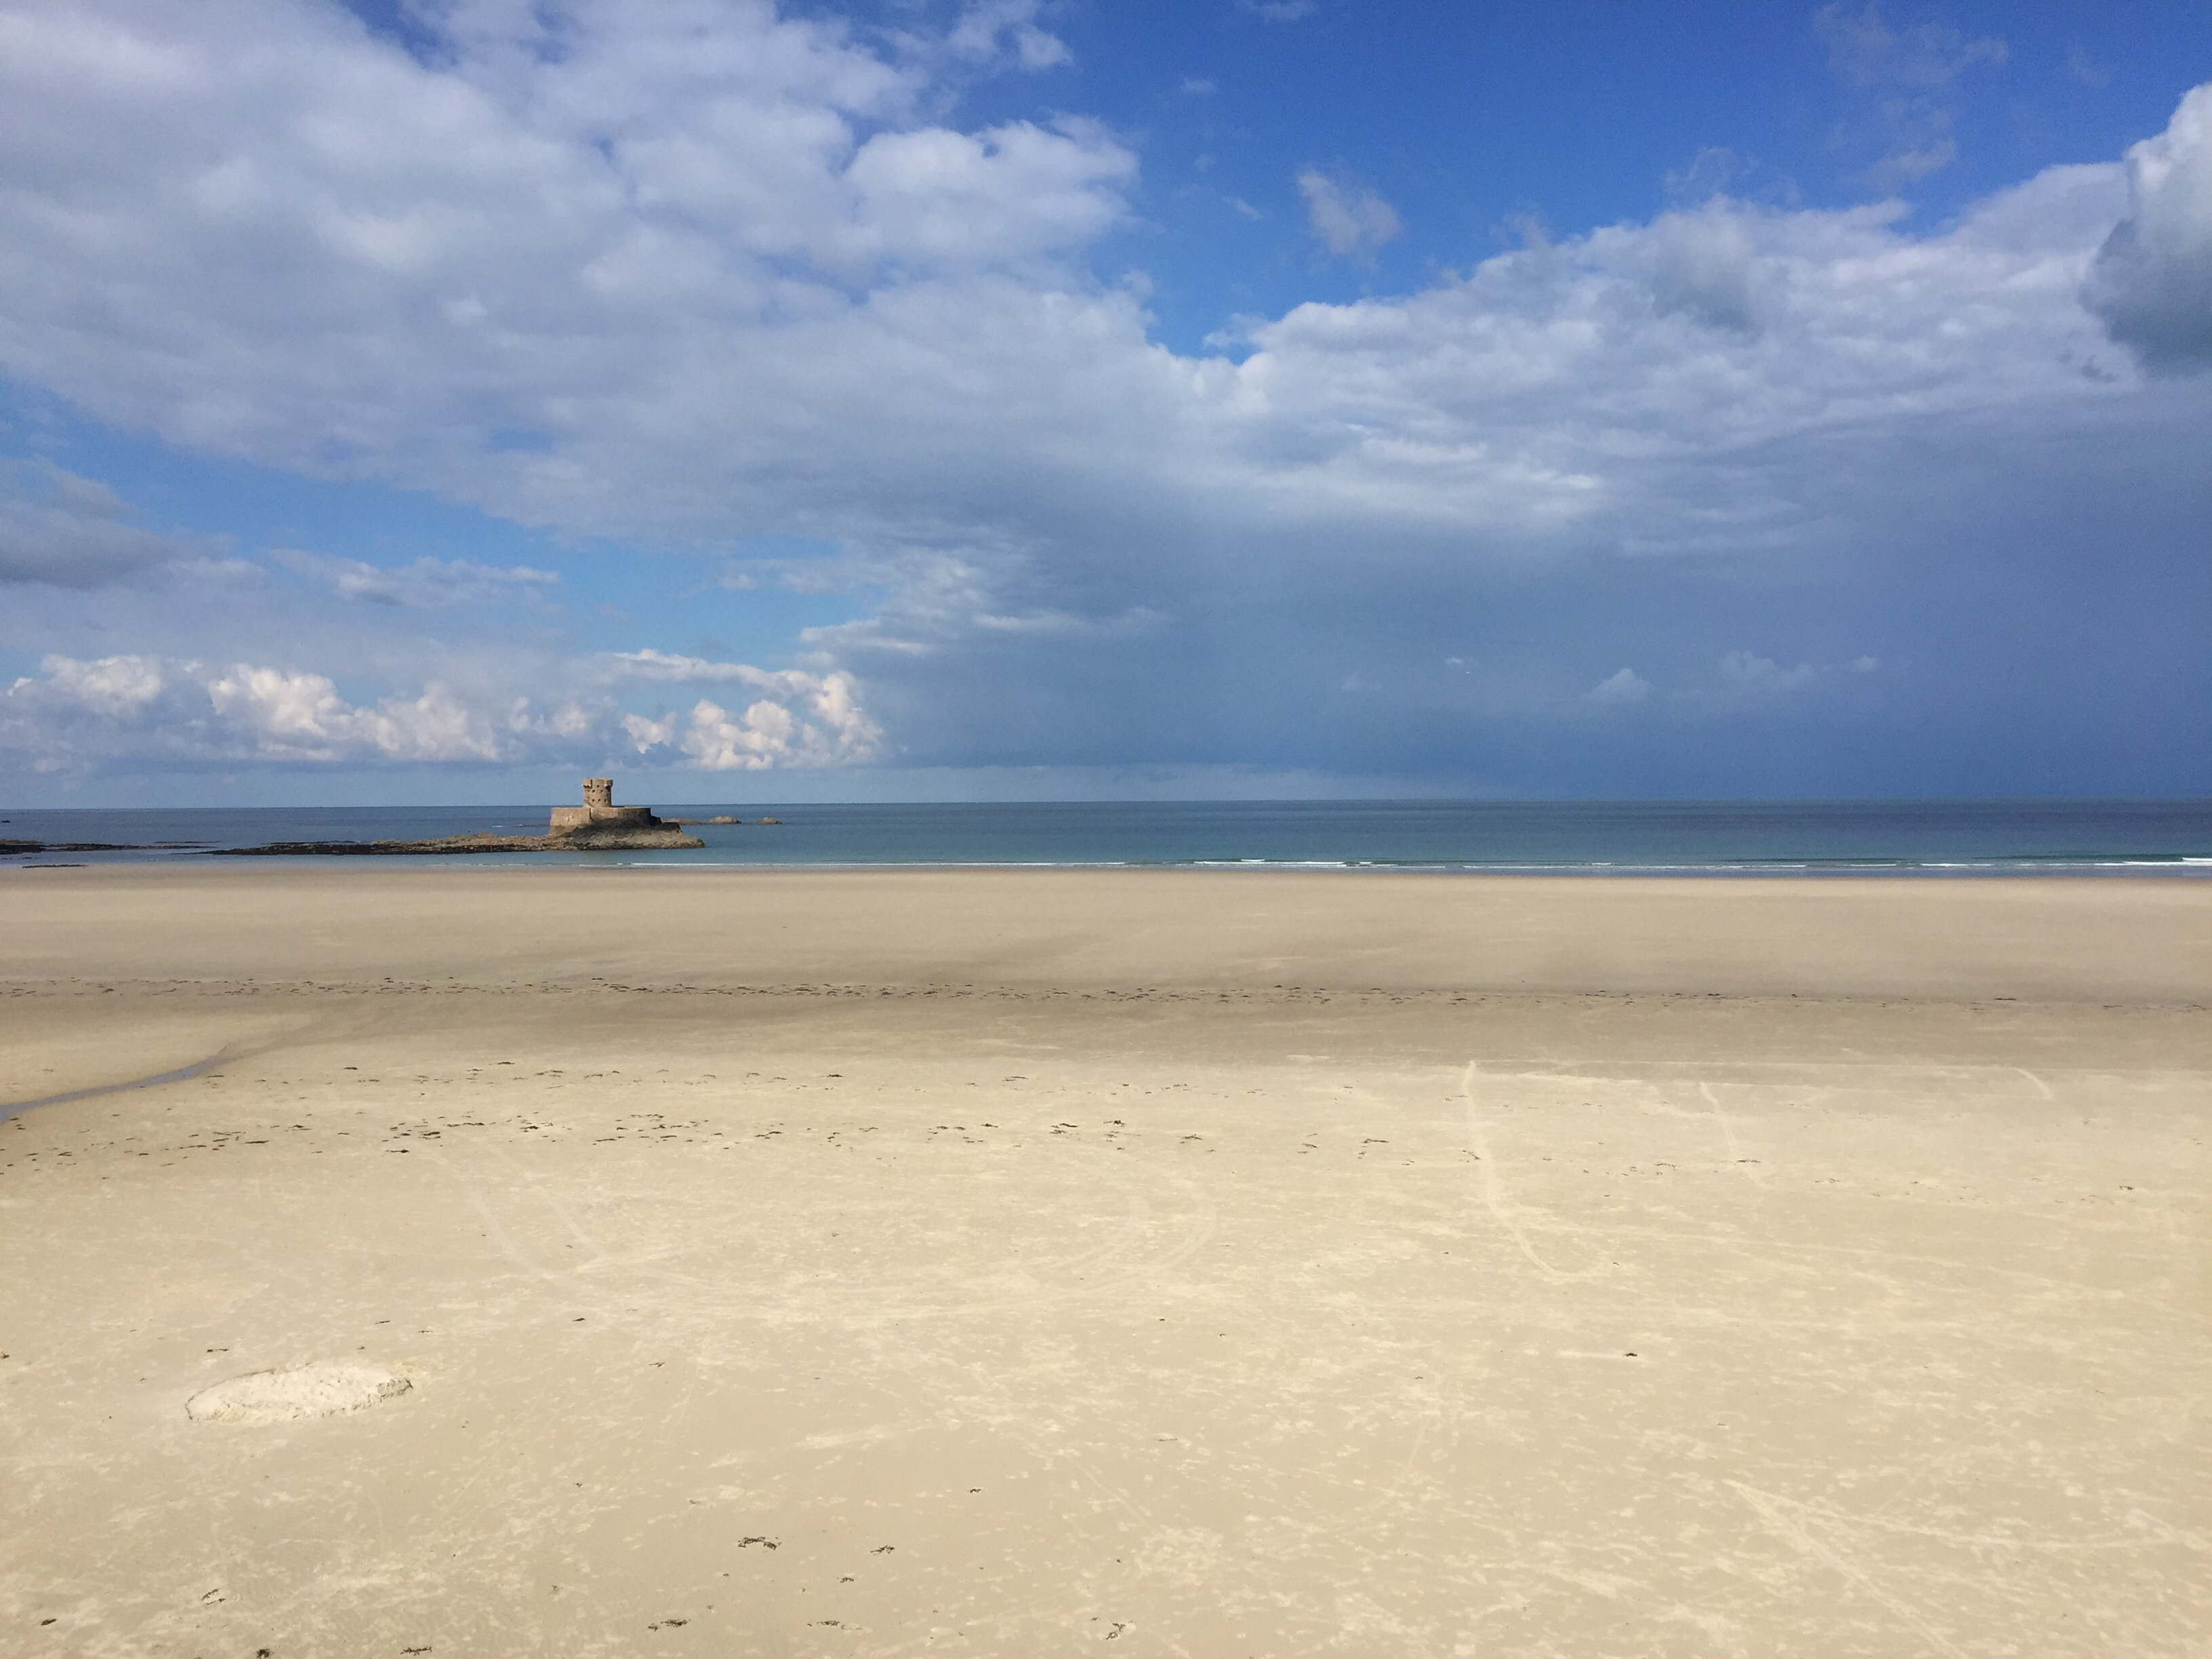 St. Ouens beach